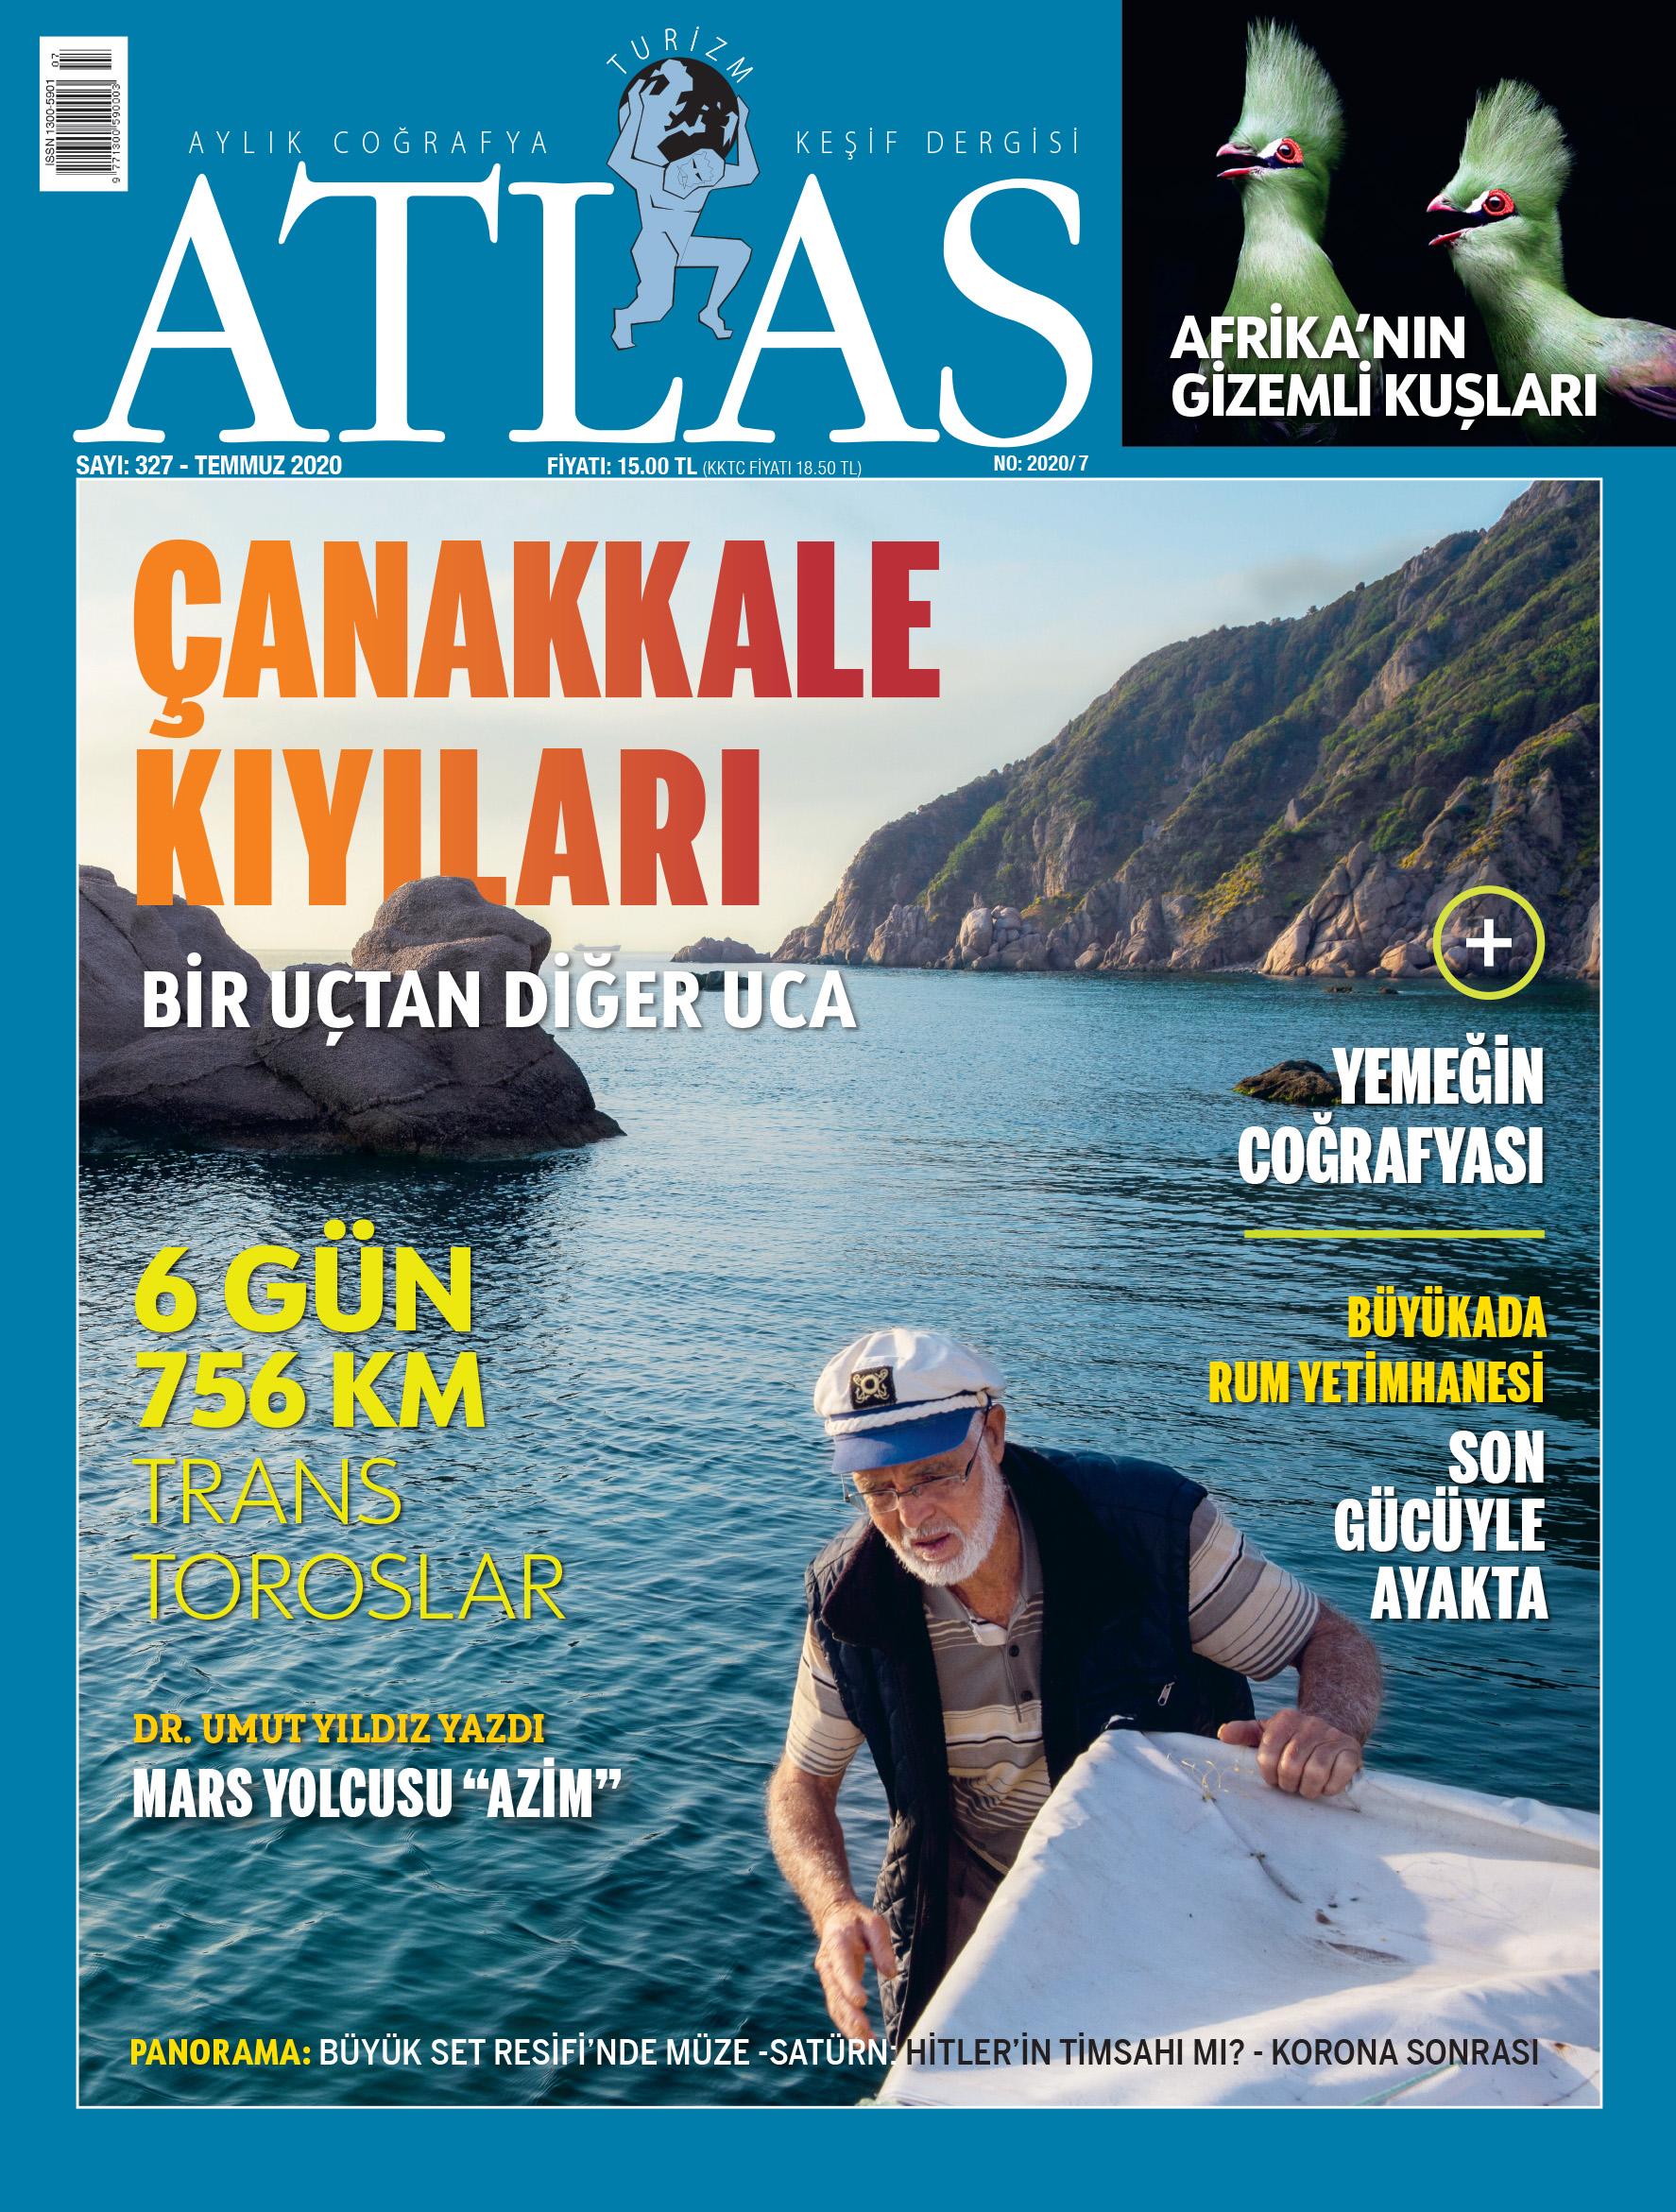 Atlas'ın temmuz sayısı çıktı! Yeni sayıda neler var? | Atlas | atlas dergisi